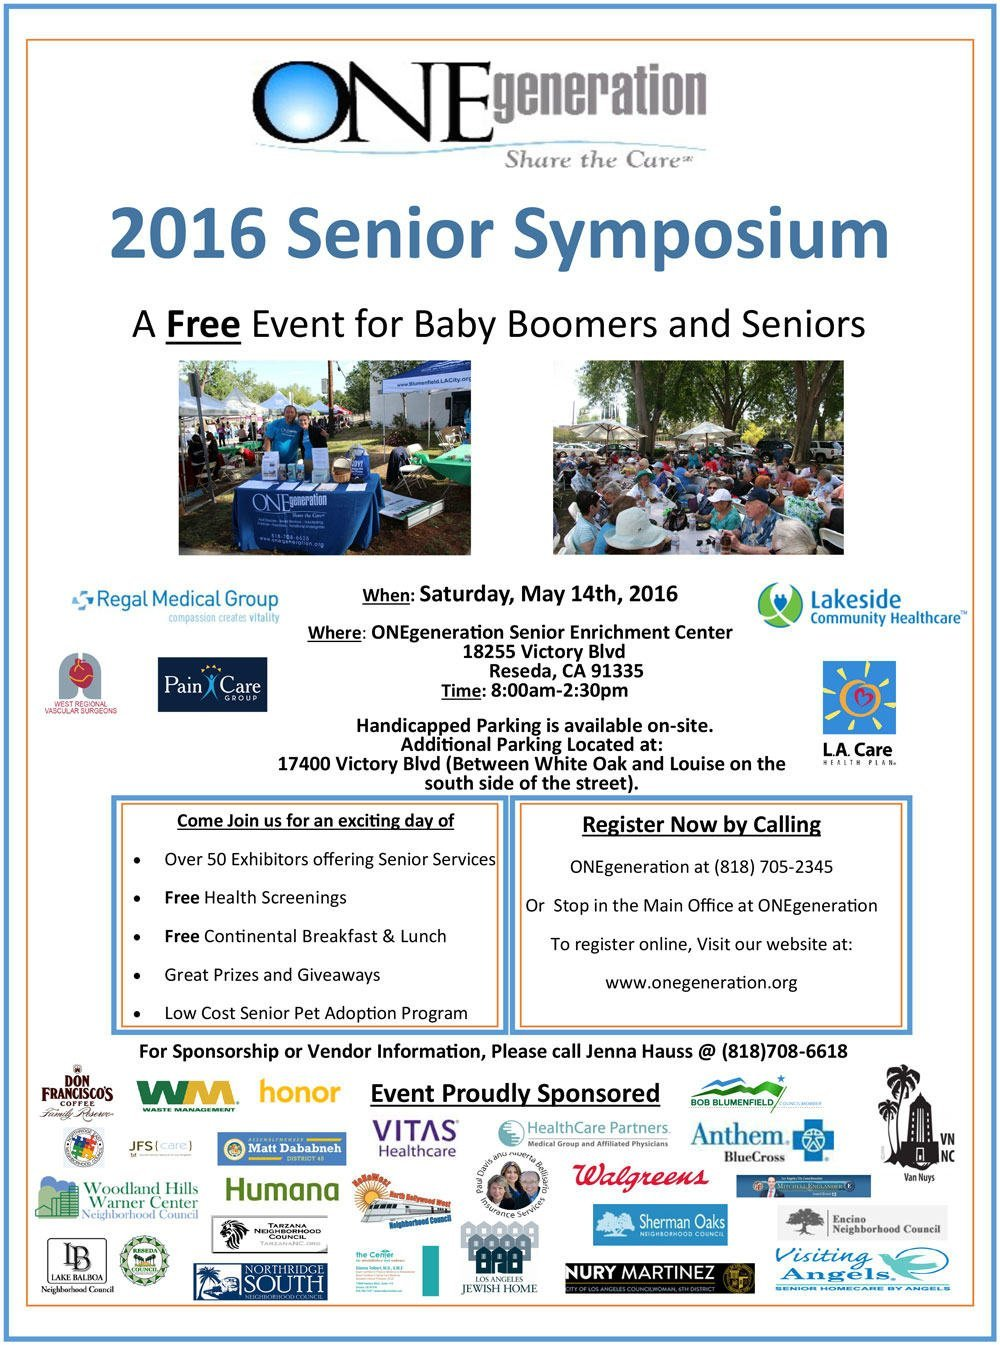 2016 Senior Symposium